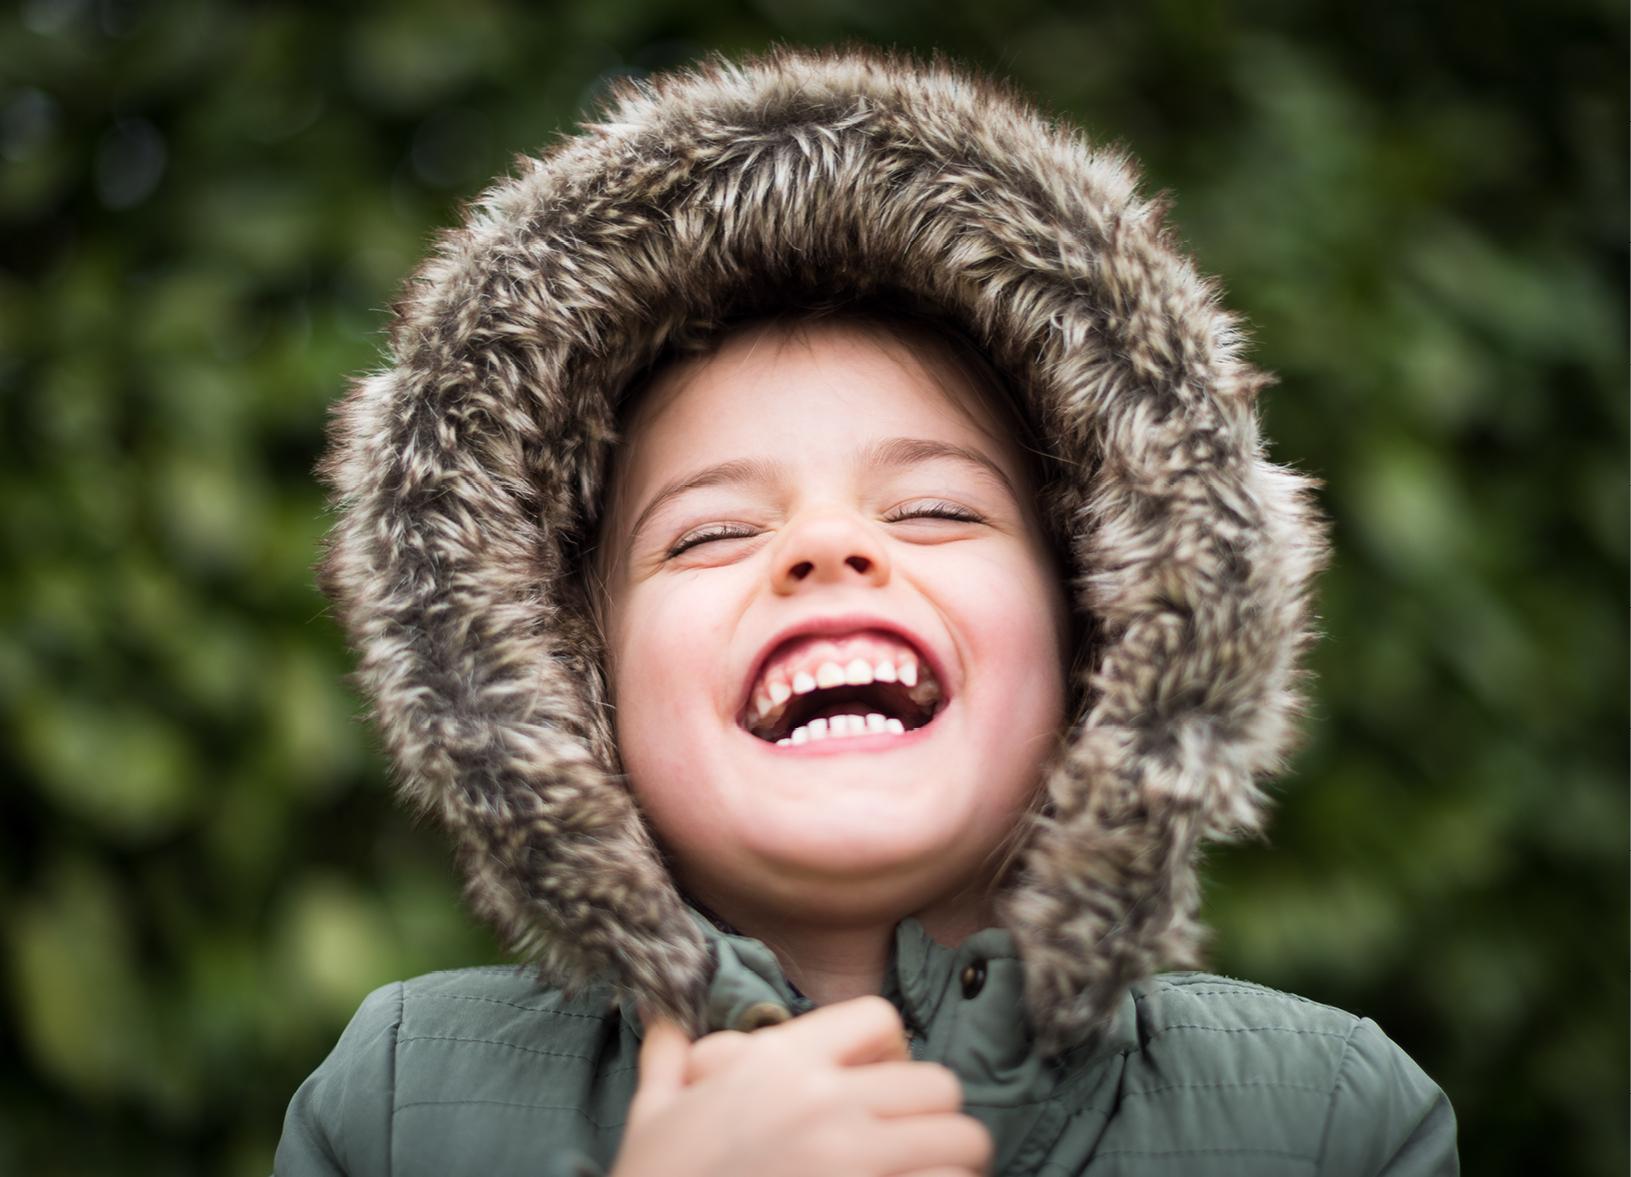 Odontopediatria - Se ocupa de tratar a los niños, incluso a los bebés. Se trata de una especialidad muy relacionada con la ortodoncia, ya que una de las funciones más importantes de un dentista infantil es la de detectar posibles anomalías de los maxilares o de la posición de los dientes en los niños para, en caso necesario, dirigirlo al ortodoncista especialista en ortodoncia Infantil.